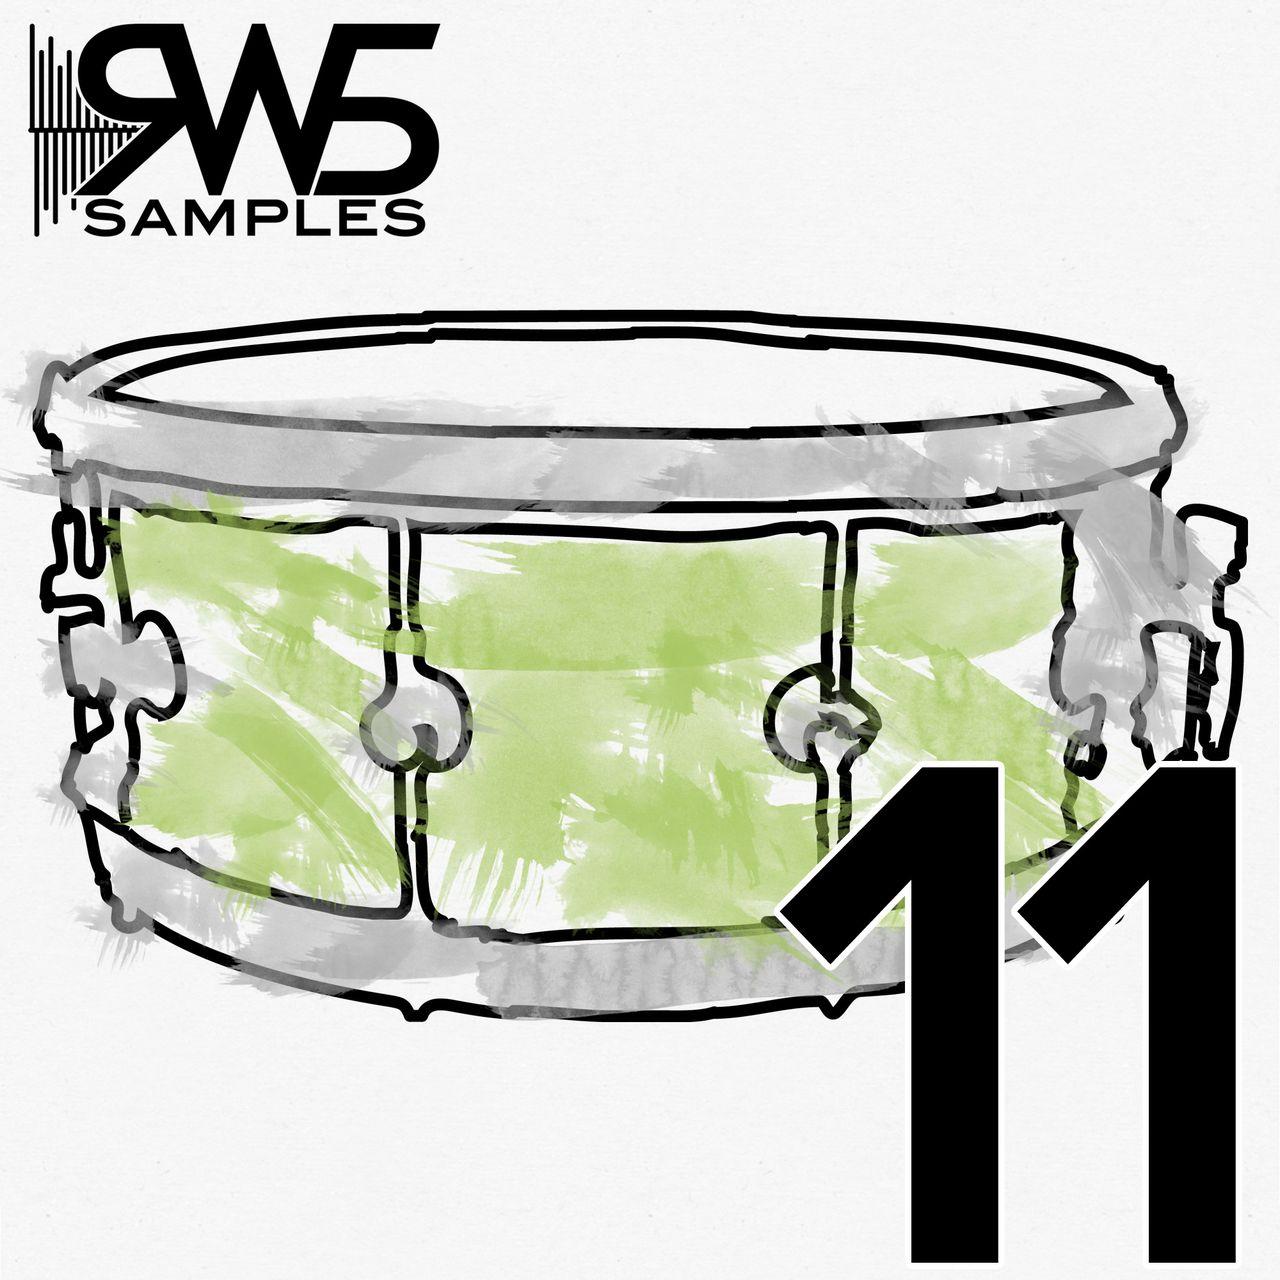 RW5 Snare 11